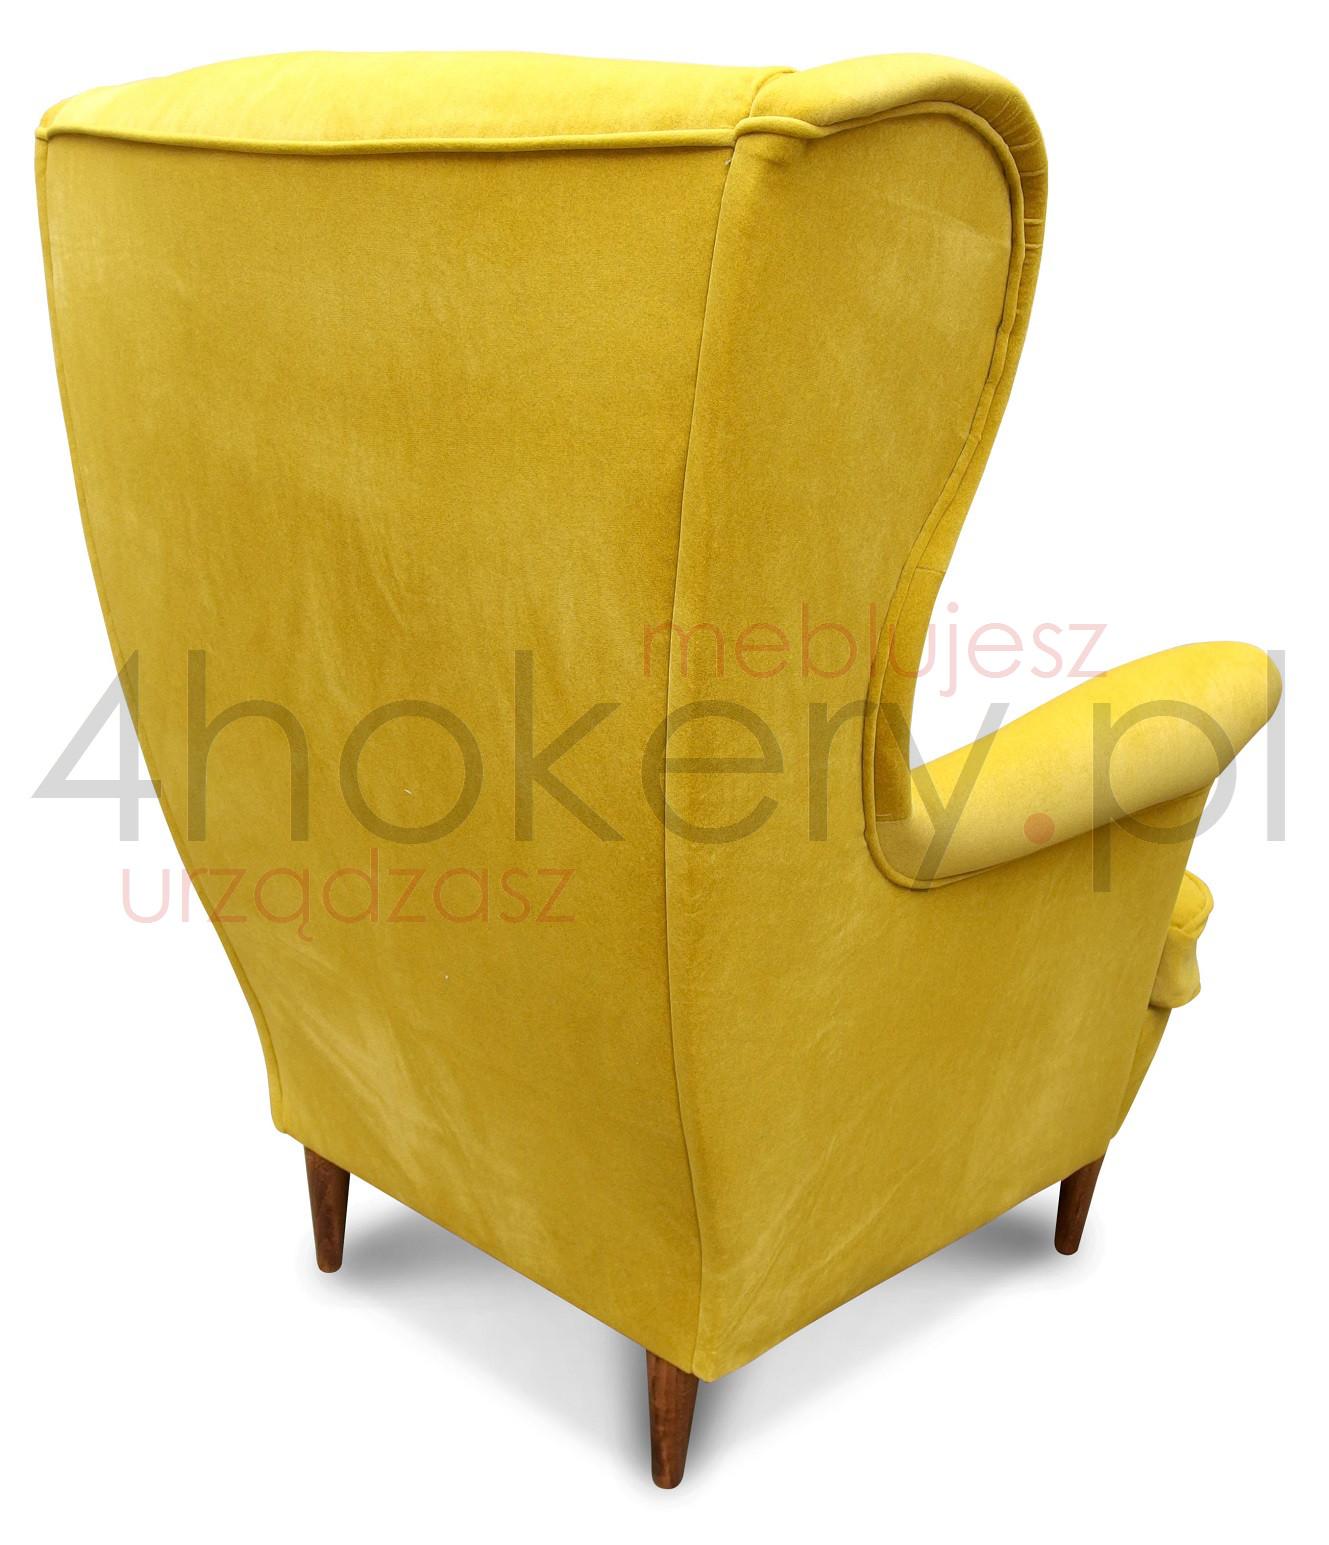 Żółty wygodny fotel uszak Piękny fotel